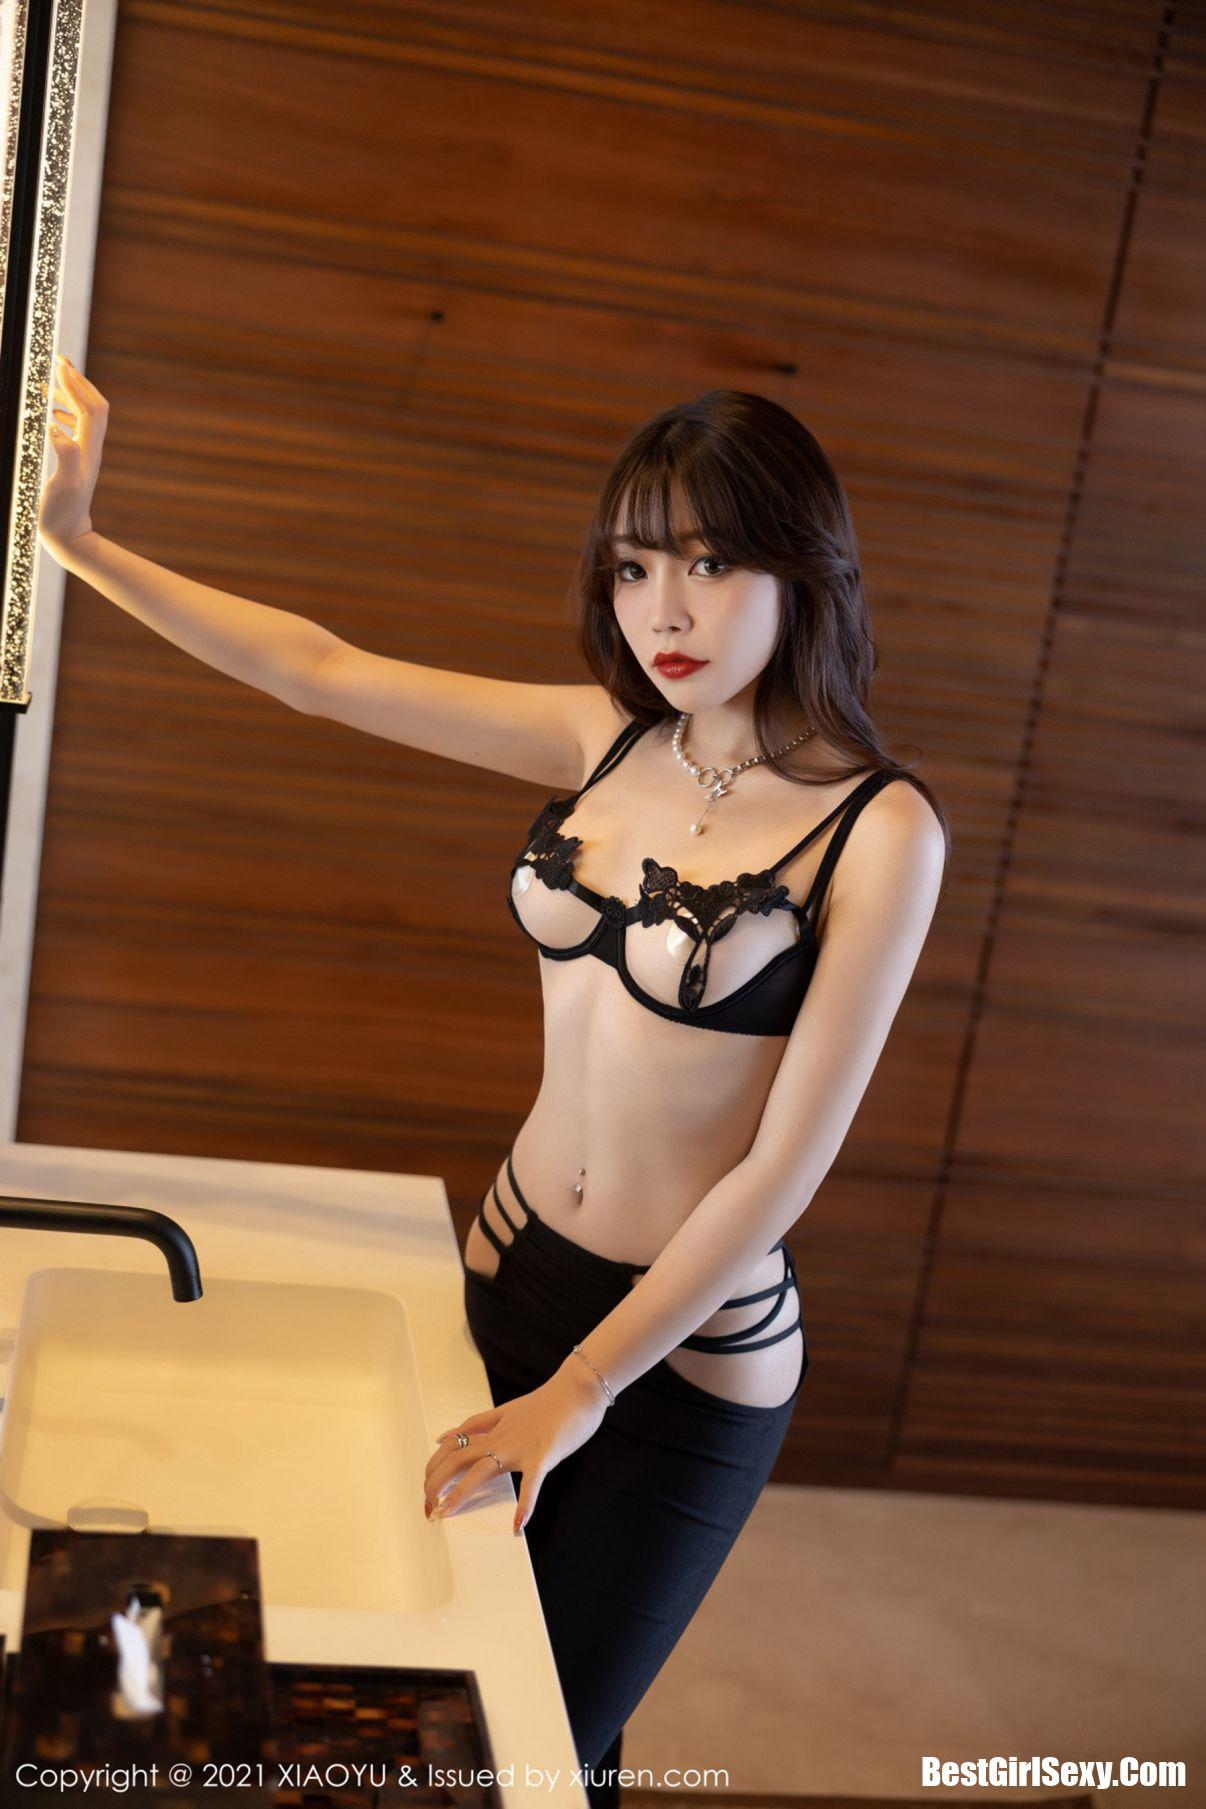 芝芝Booty, XiaoYu语画界 Vol.531 Chen Zhi, XiaoYu语画界 Vol.531, Chen Zhi